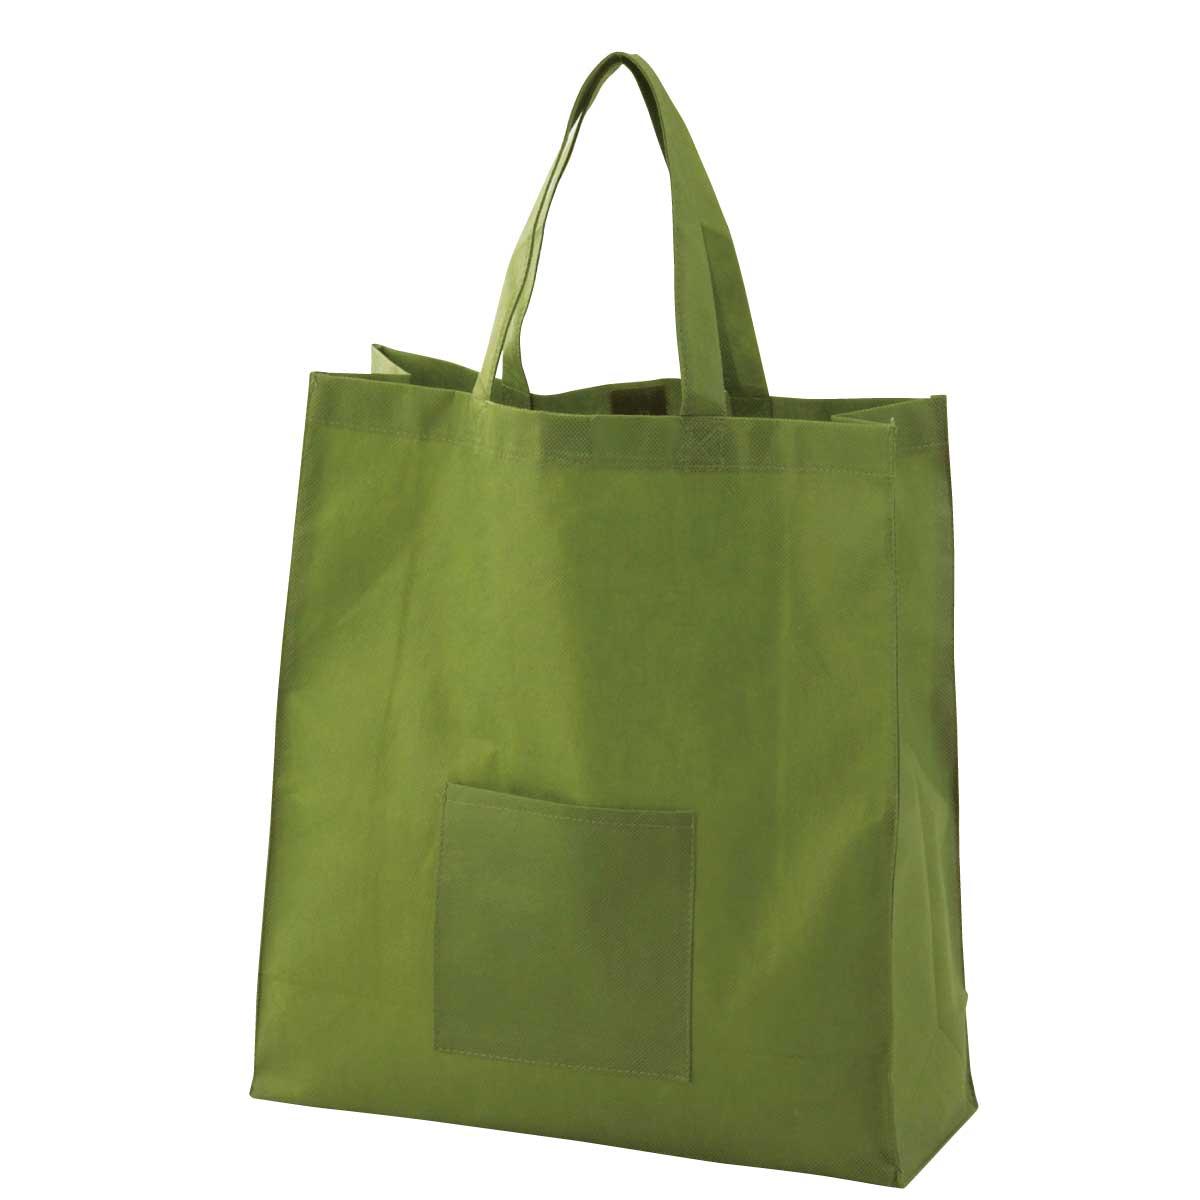 不織布手提げバッグ(緑)